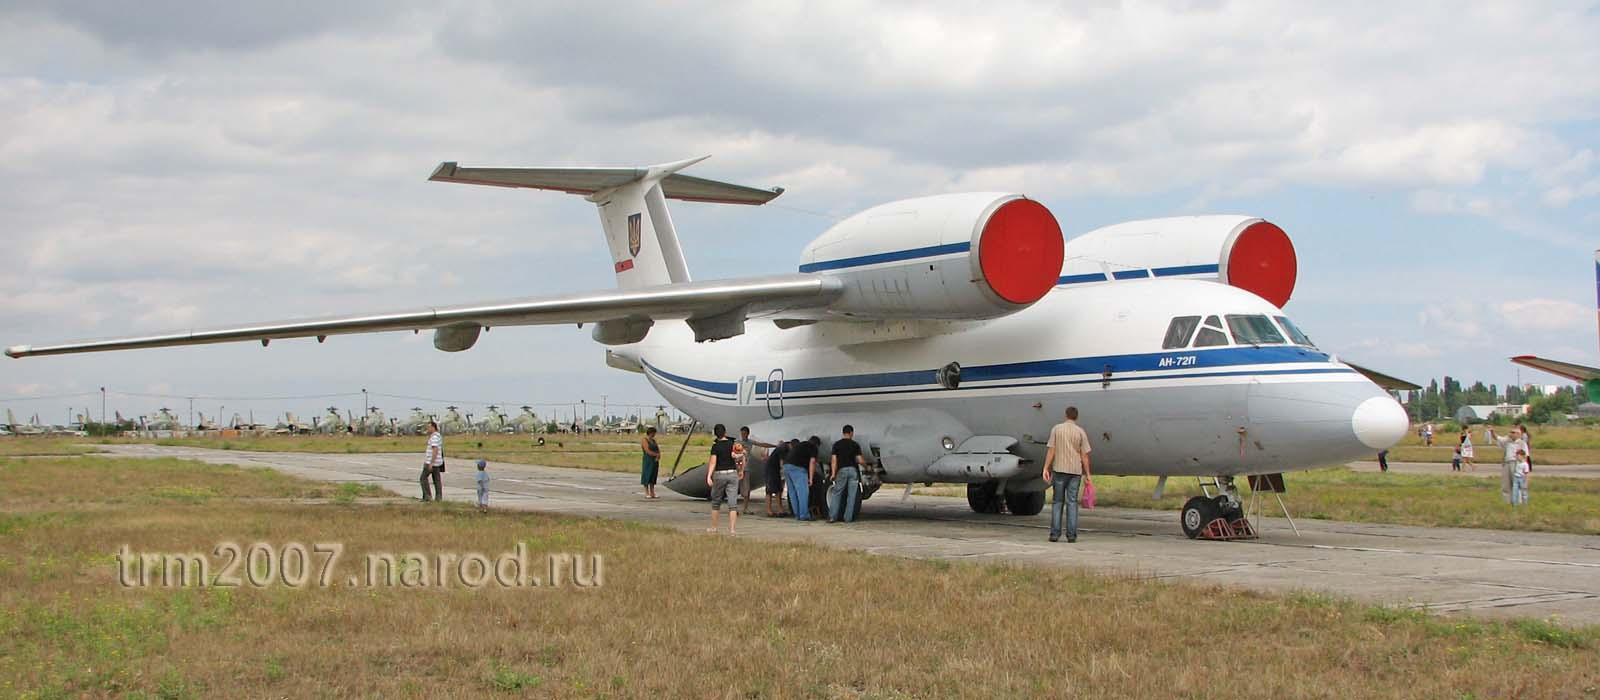 АН-72П на авиа выставке Одесского Школьного аэродрома